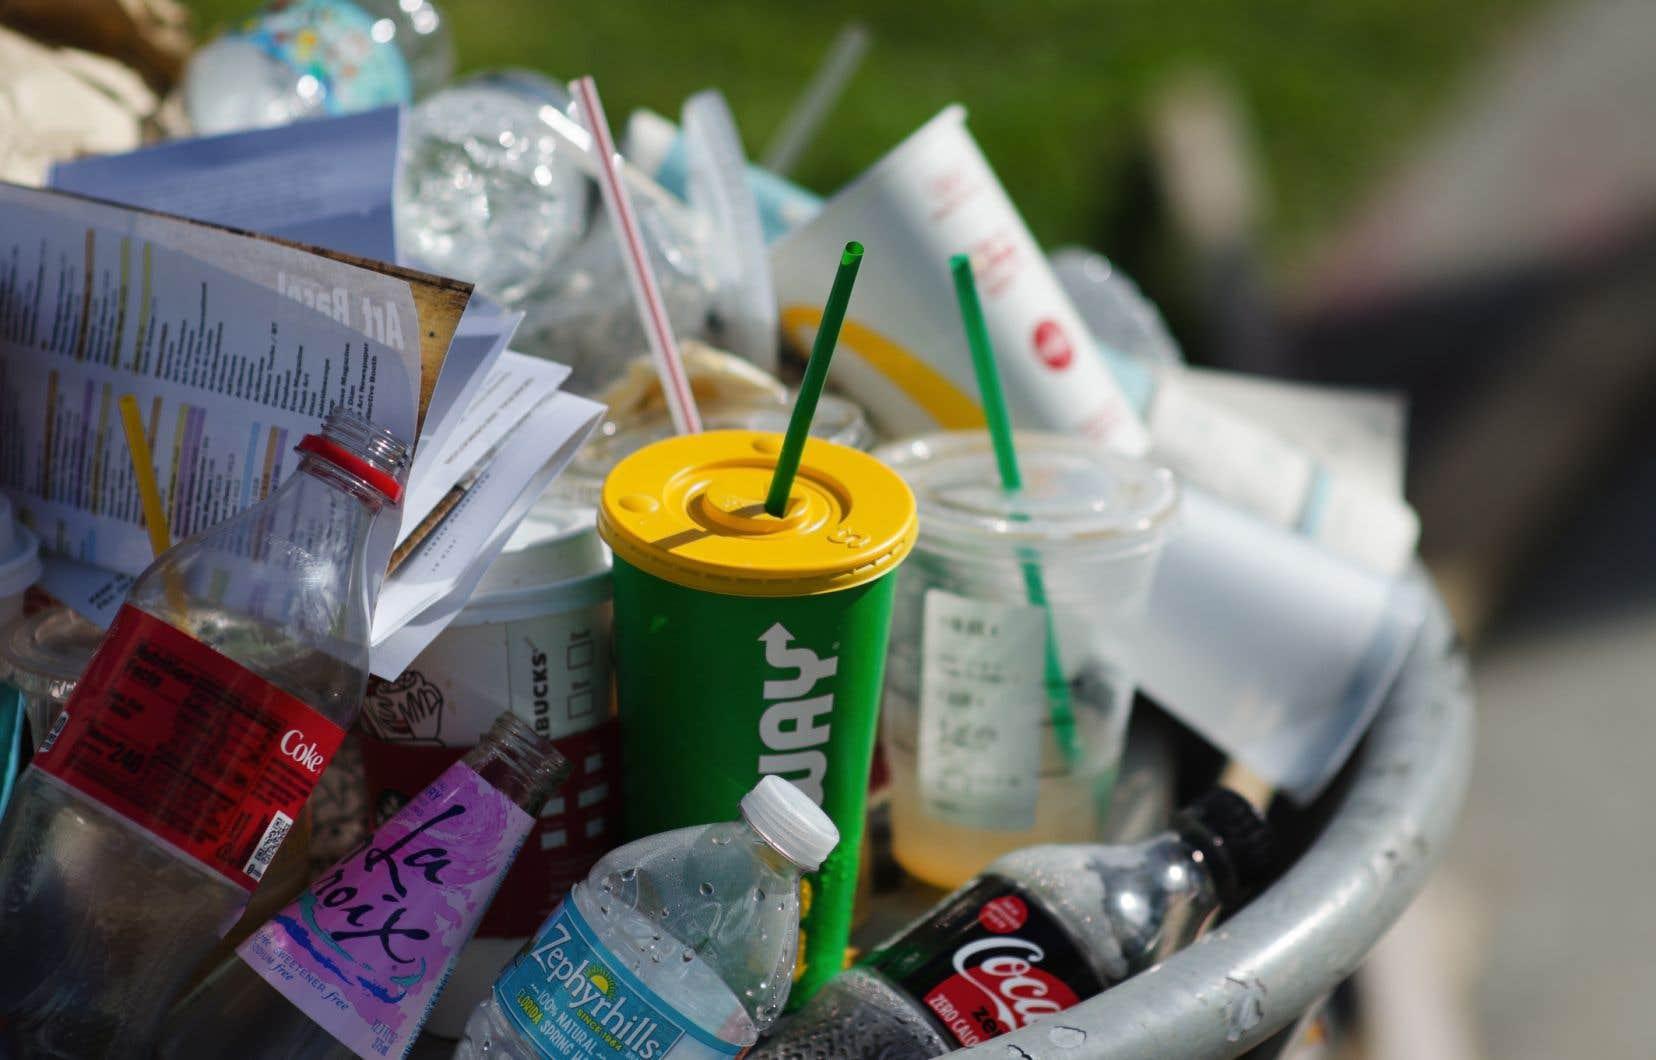 Chaque Montréalais produit en moyenne 465 kg de déchets par année, mais à l'heure actuelle, plus de la moitié de ces matières résiduelles sont acheminées dans les sites d'enfouissement.